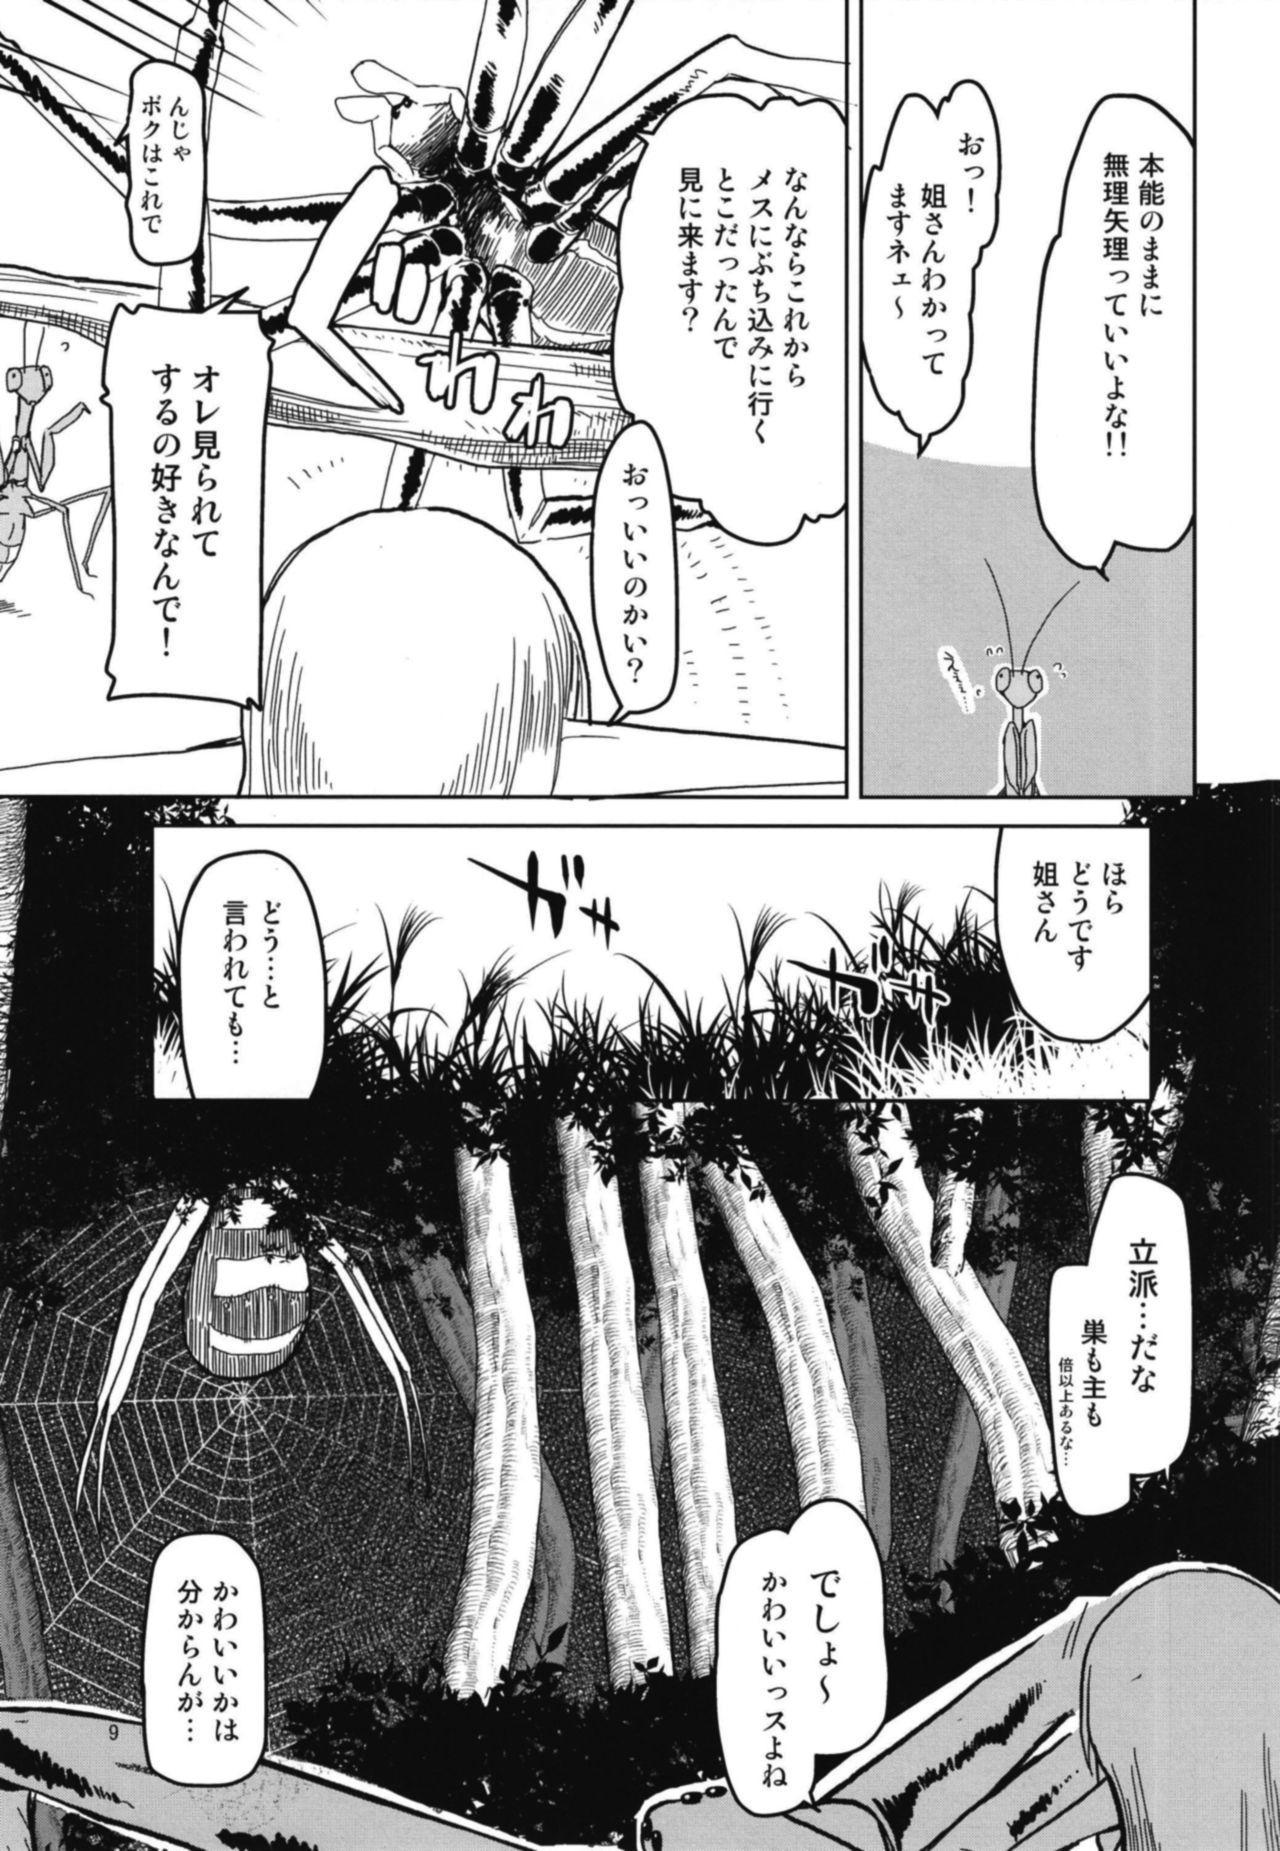 Dosukebe Elf no Ishukan Nikki 5 10